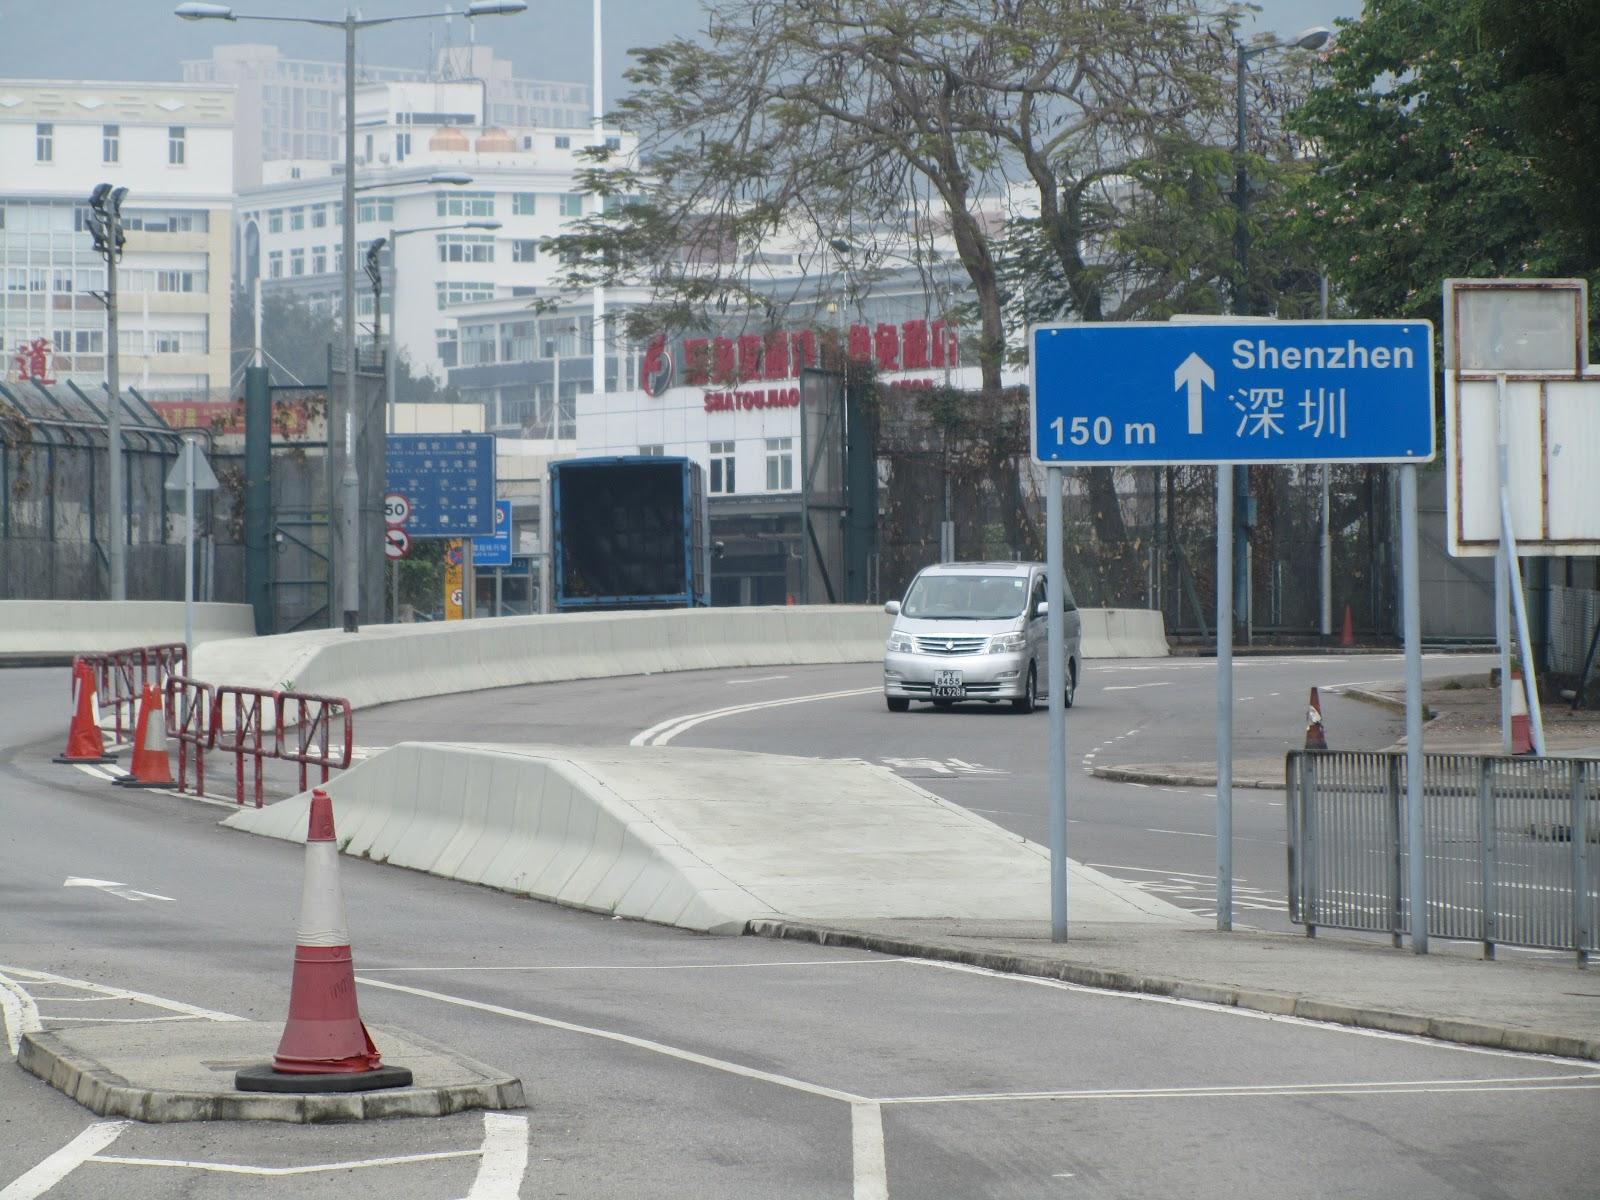 外國月亮: 深圳沙頭角半天遊